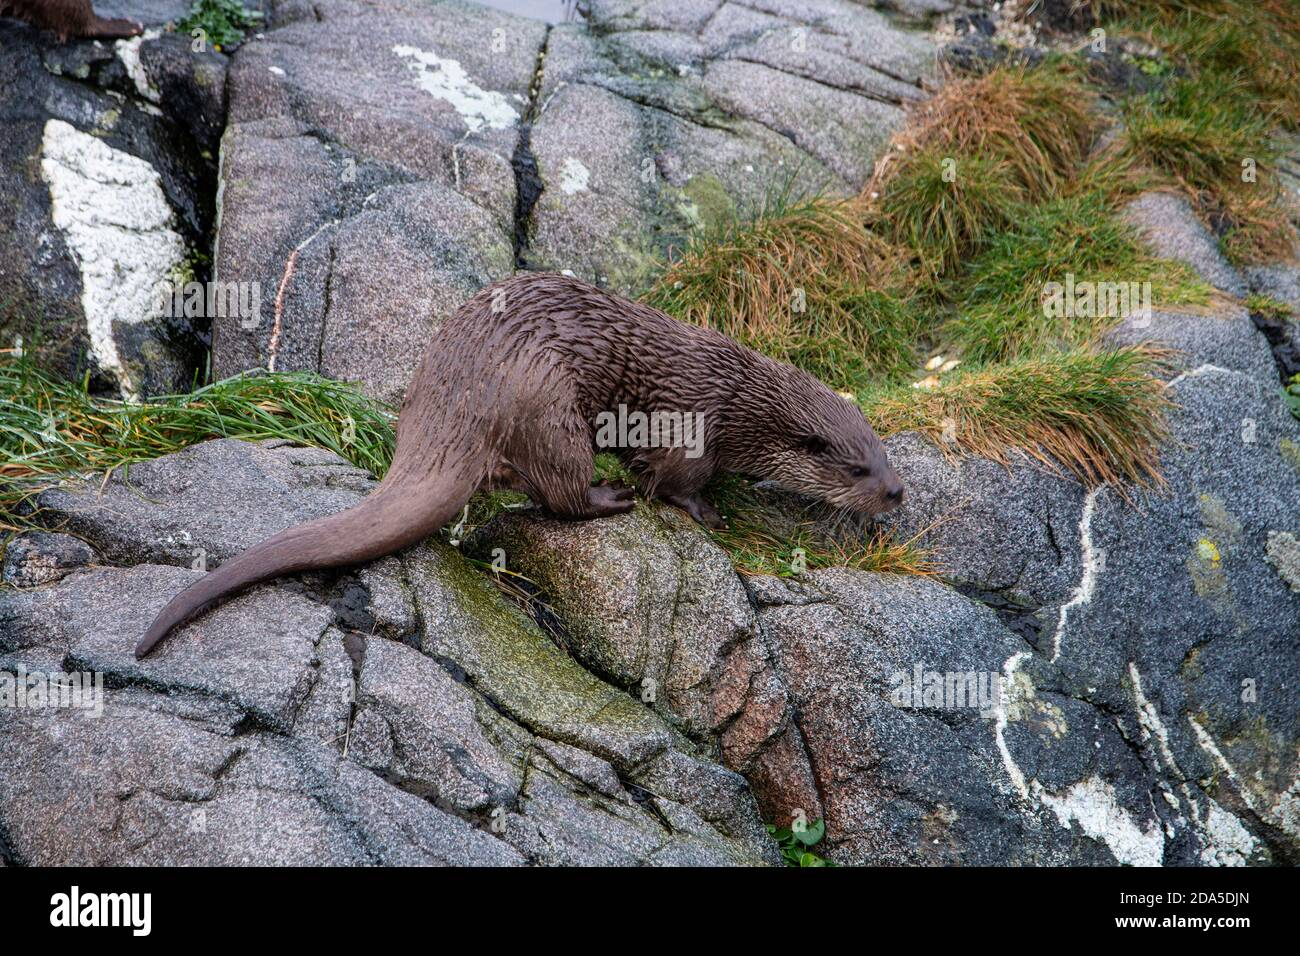 La loutre norvégienne Lutra lutra est un carnivore semi-aquatique dans le Mustelidae trouvé le long de la côte norvégienne et le long des rivières menant jusqu'aux fjords Banque D'Images